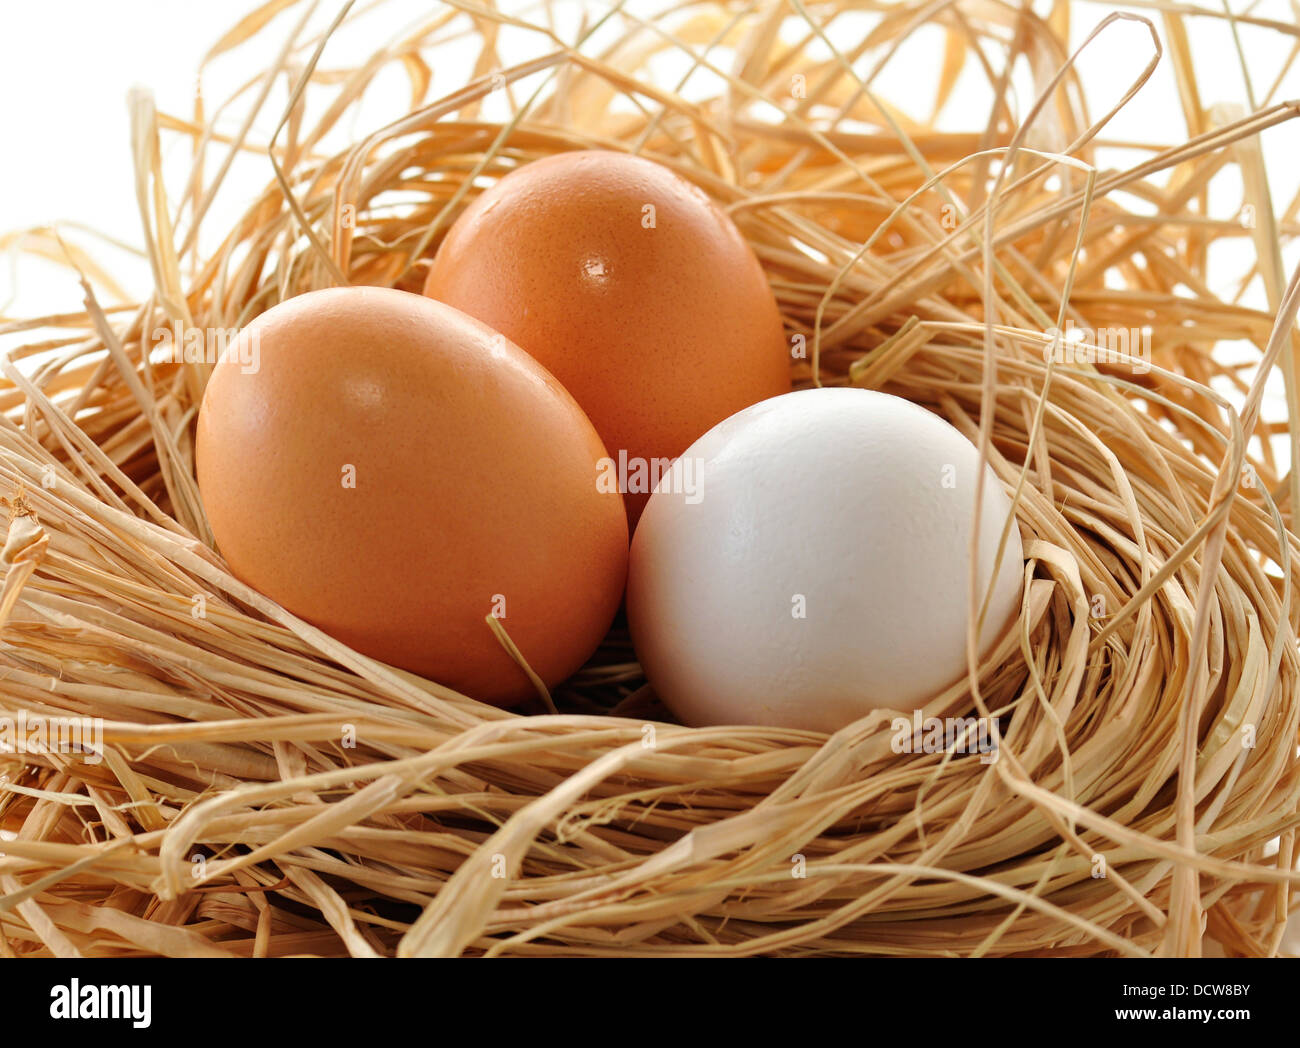 Девушка отрывающая яйца фото